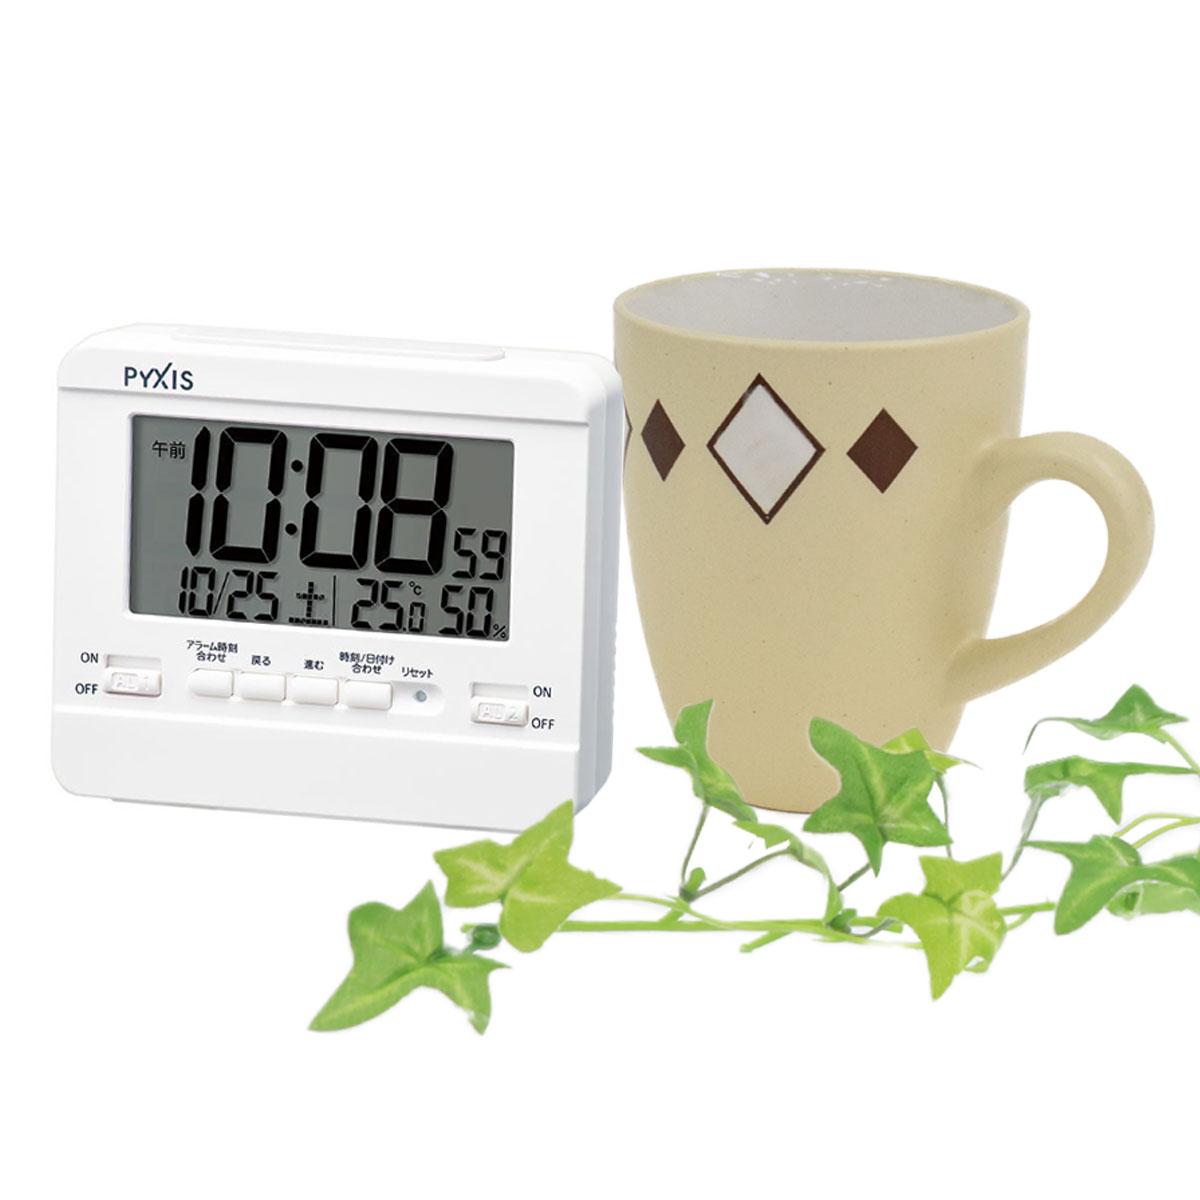 セイコータイムクリエーション社製 PYXIS(ピクシス) 目覚まし時計 NR538W